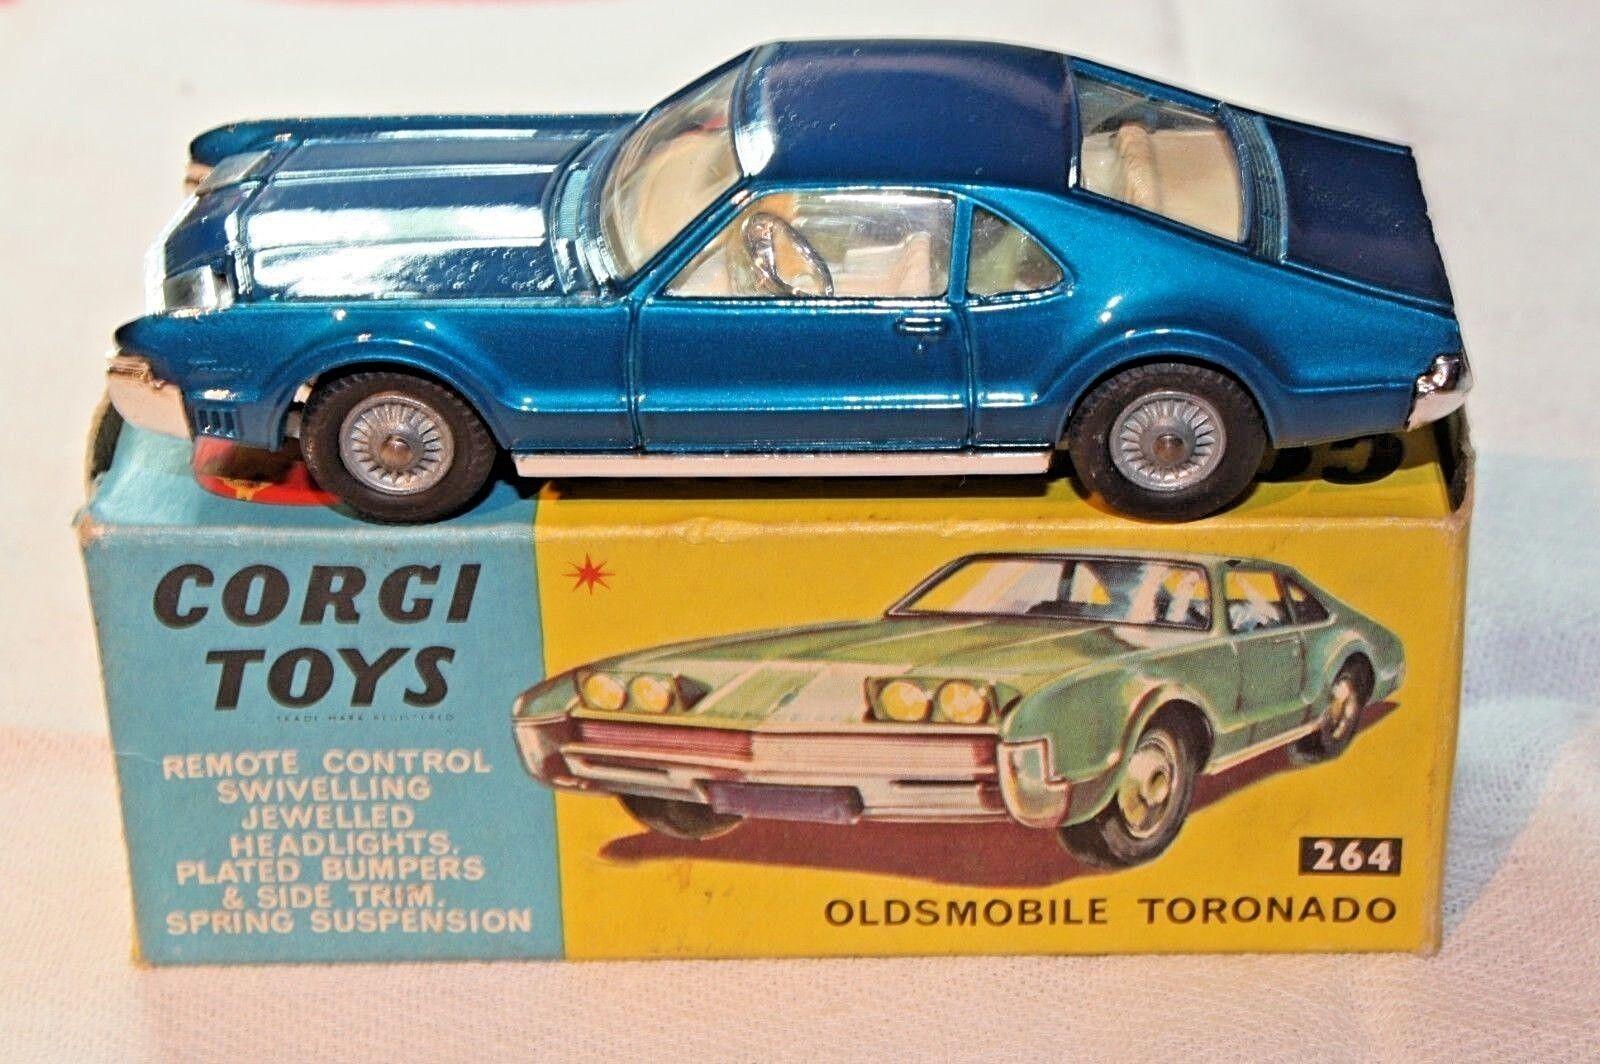 Corgi Oldsmobile Tgoldnado, Mint Condition in Good Original Box